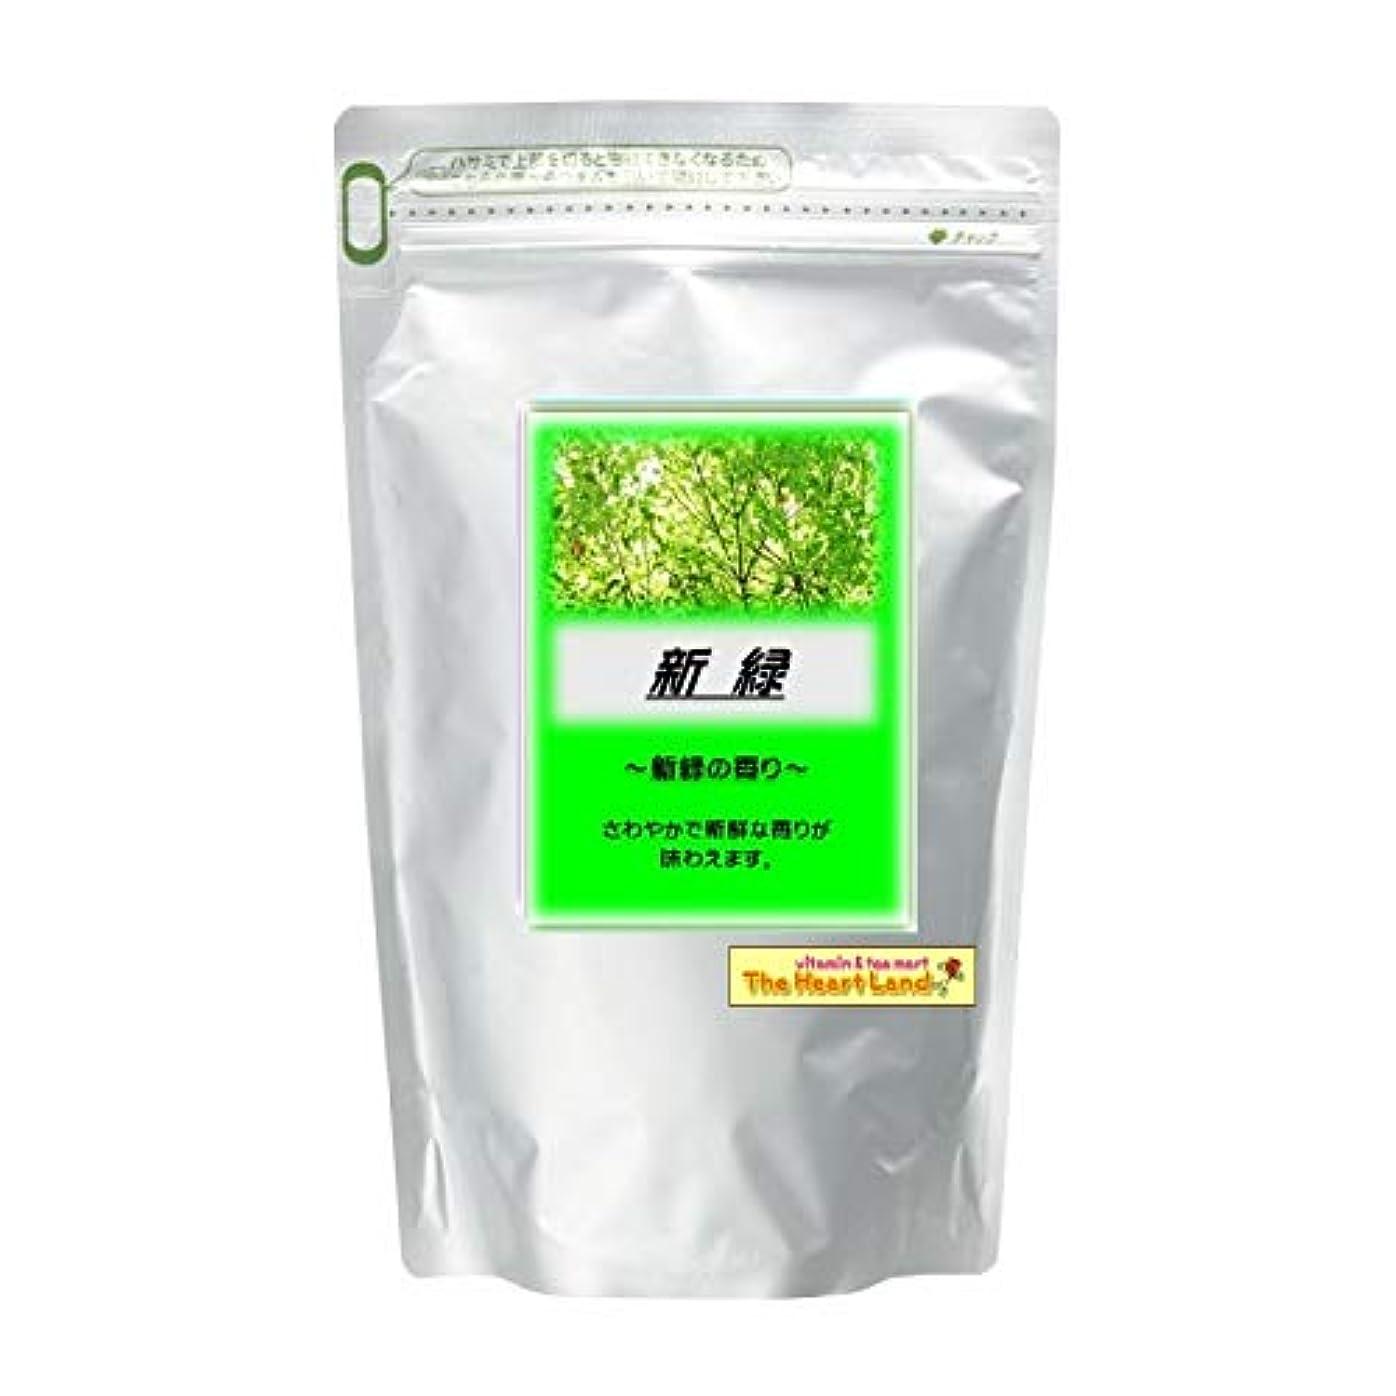 冒険家プロテスタント数学者アサヒ入浴剤 浴用入浴化粧品 新緑 2.5kg